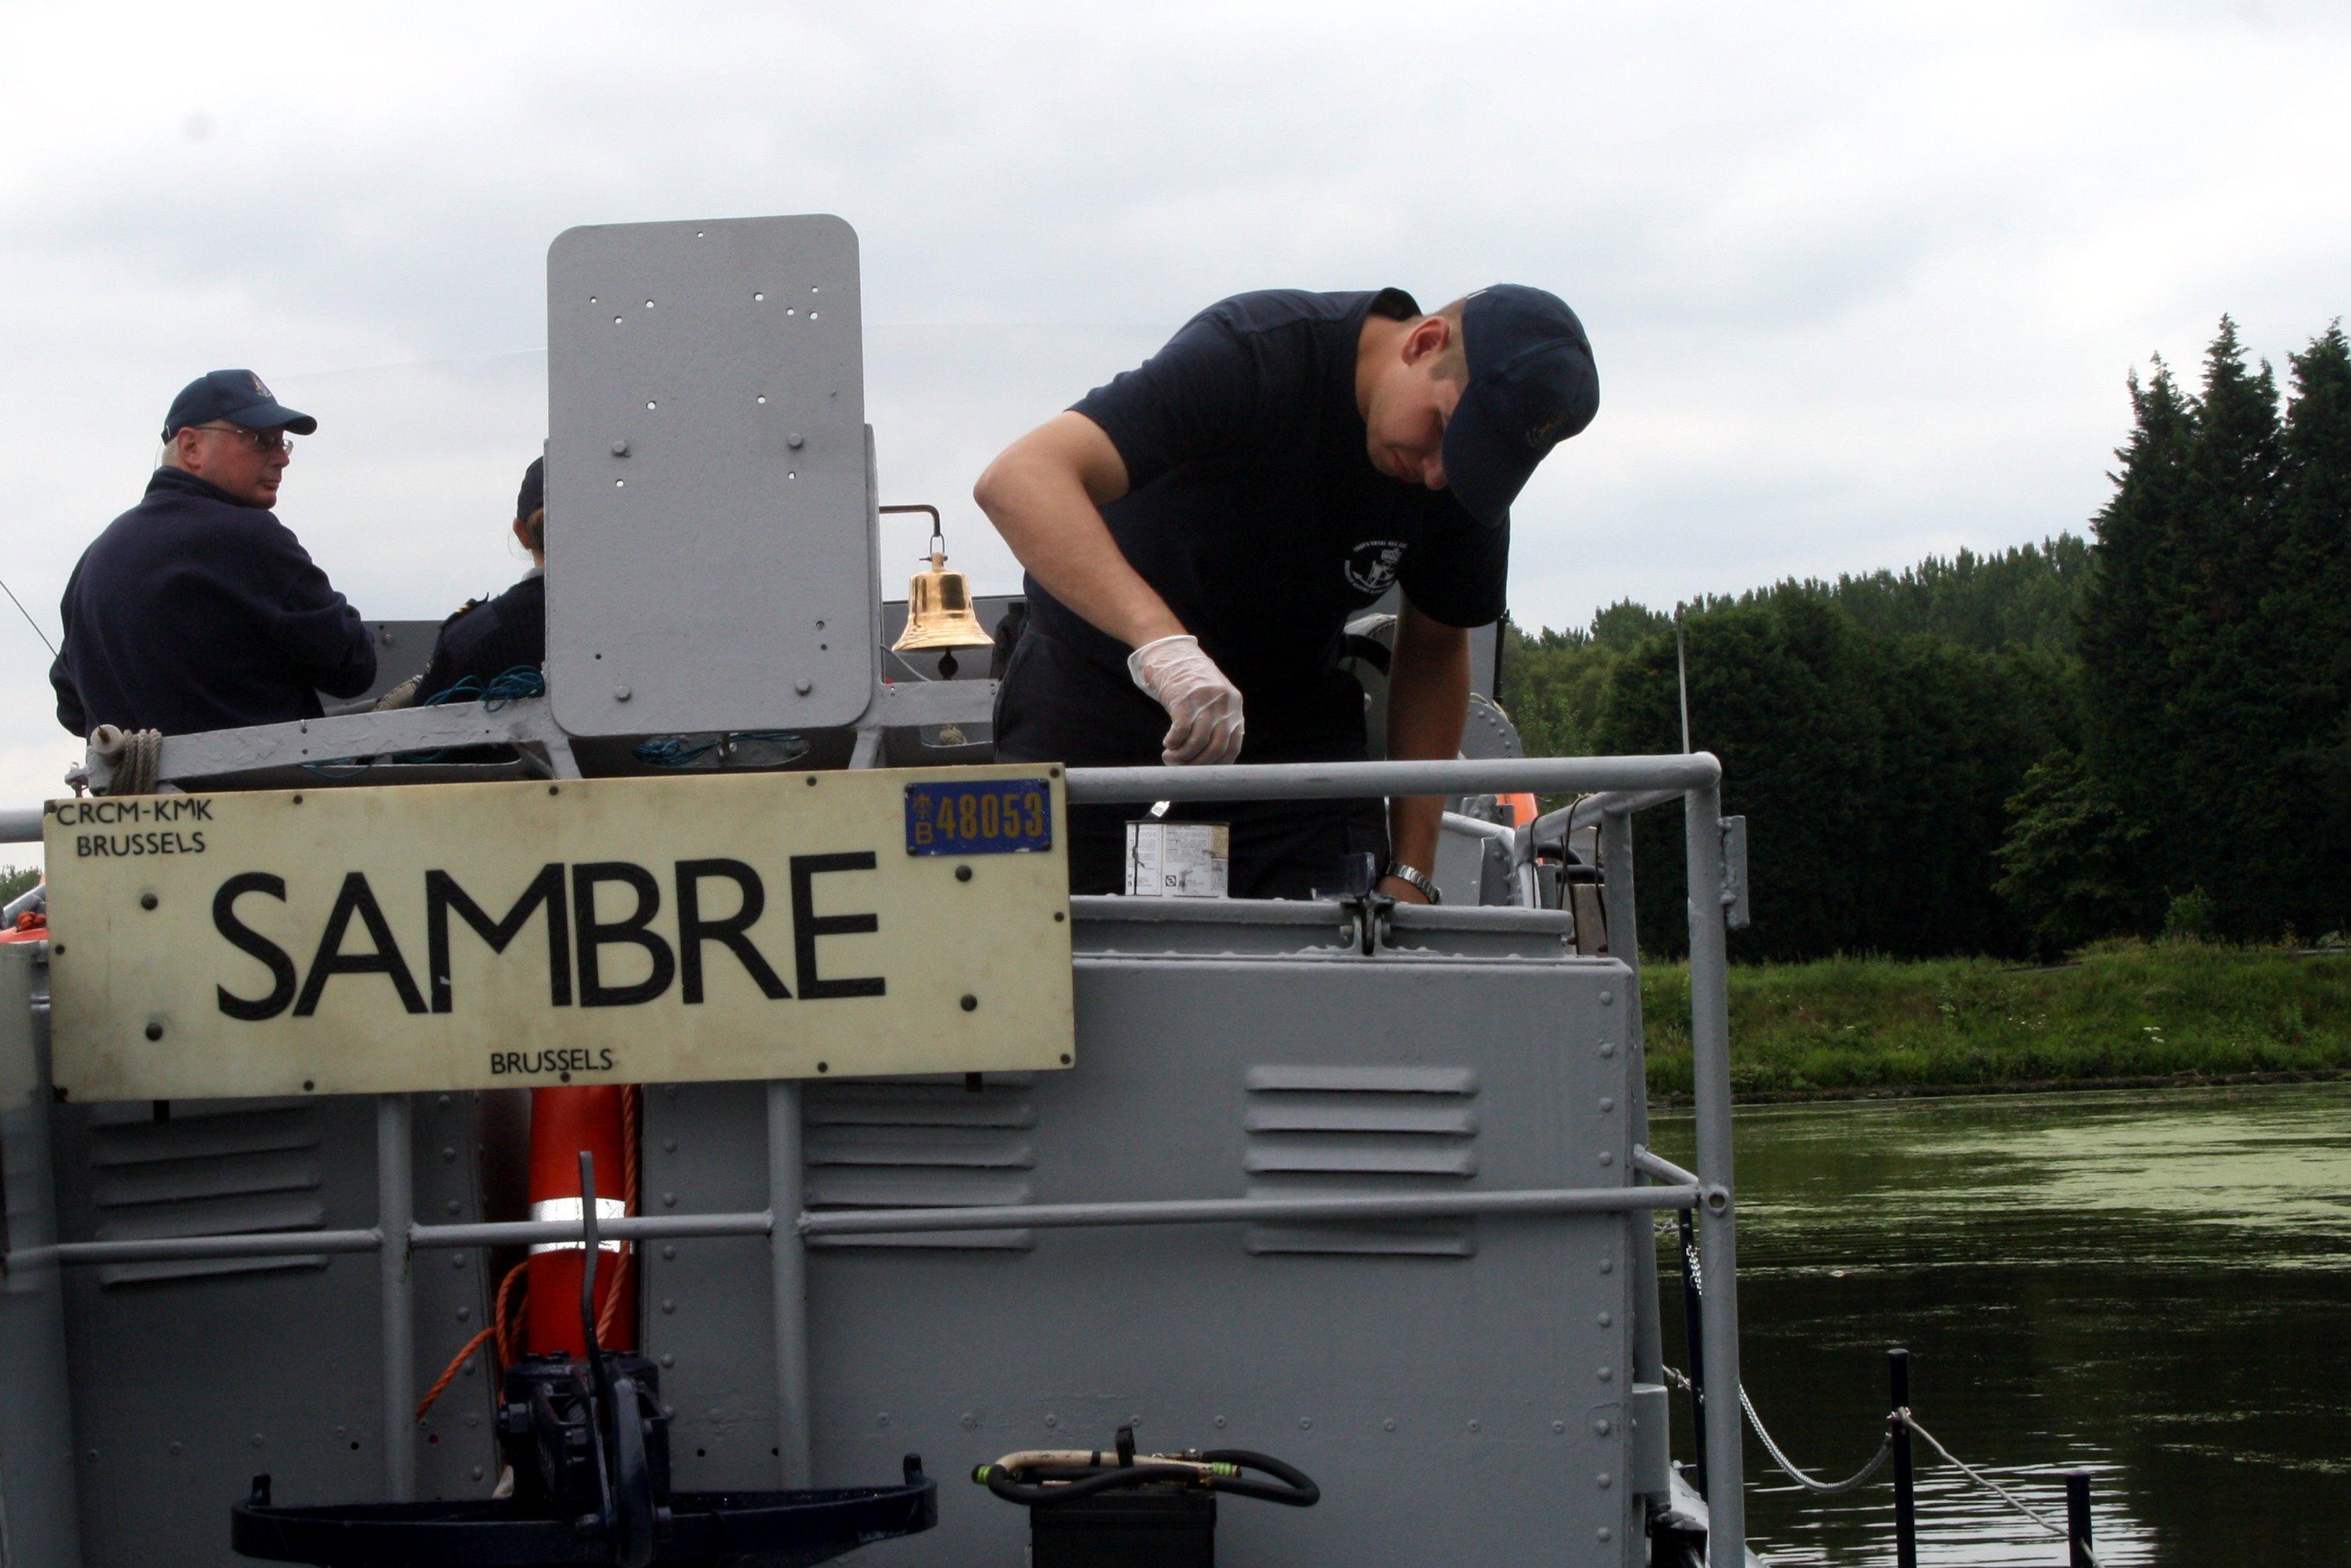 Deux membres du forum à bord du SAMBRE pour 3 jours - Page 5 1108030453201095838542393